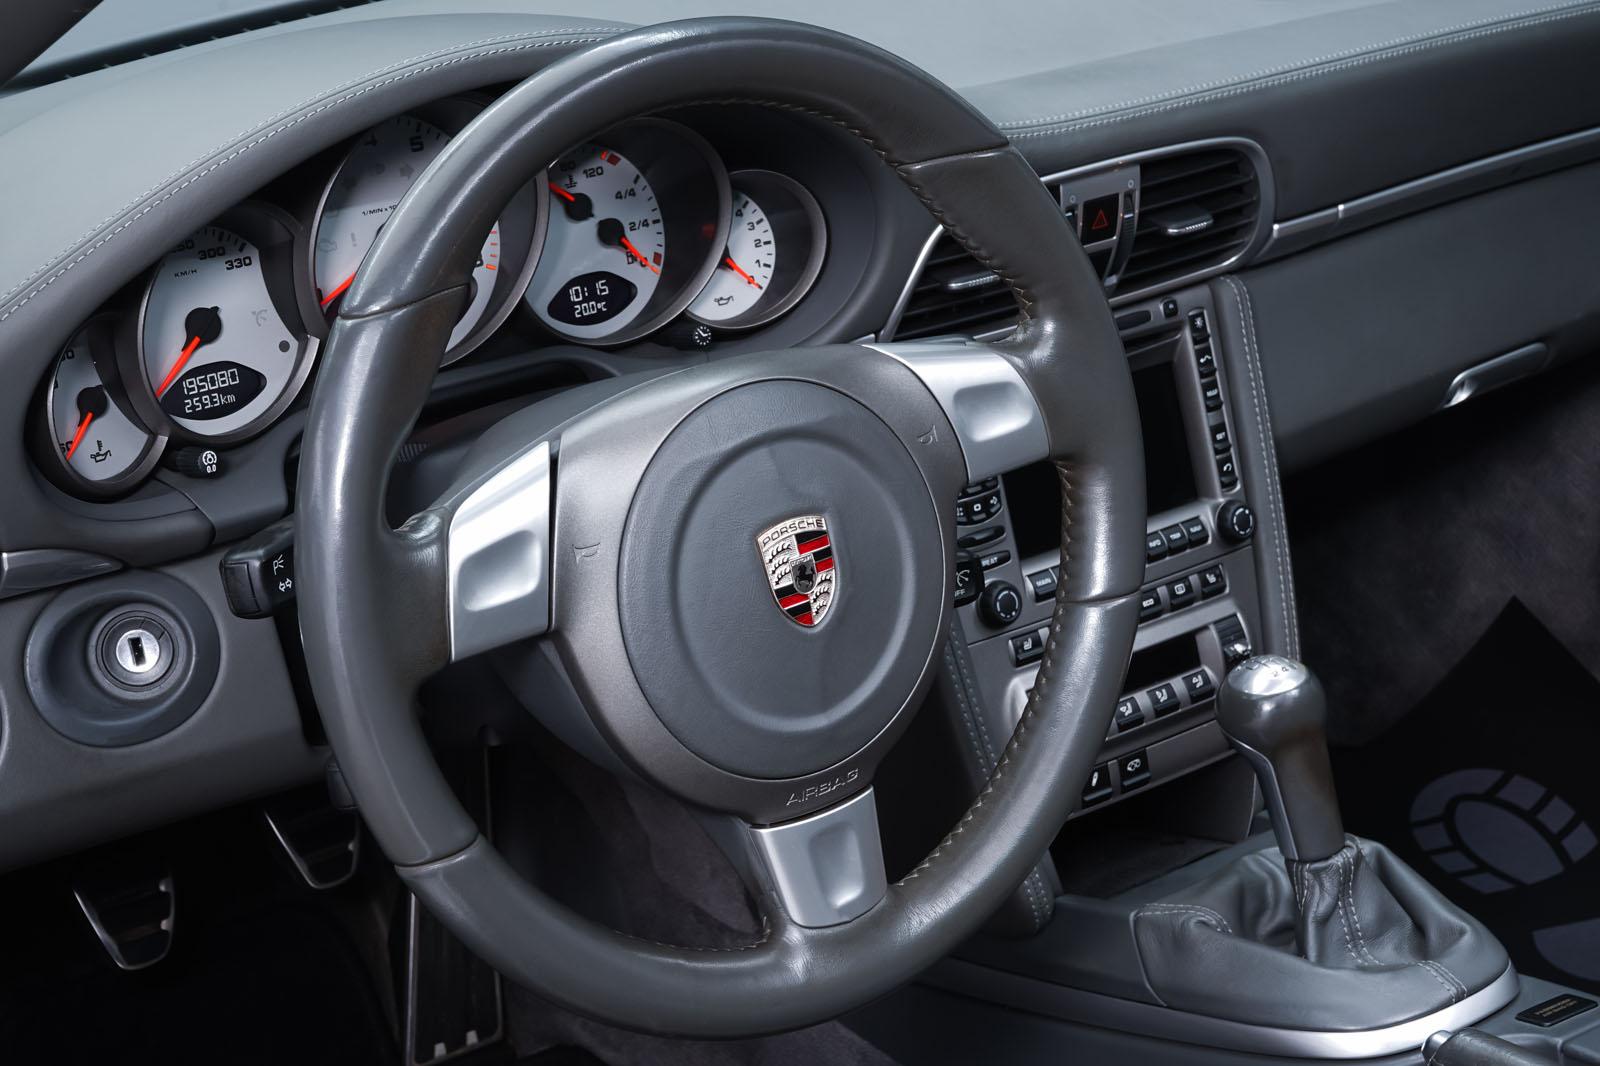 Porsche_997_Targa4s_Silber_Grau_POR-0477_11_w